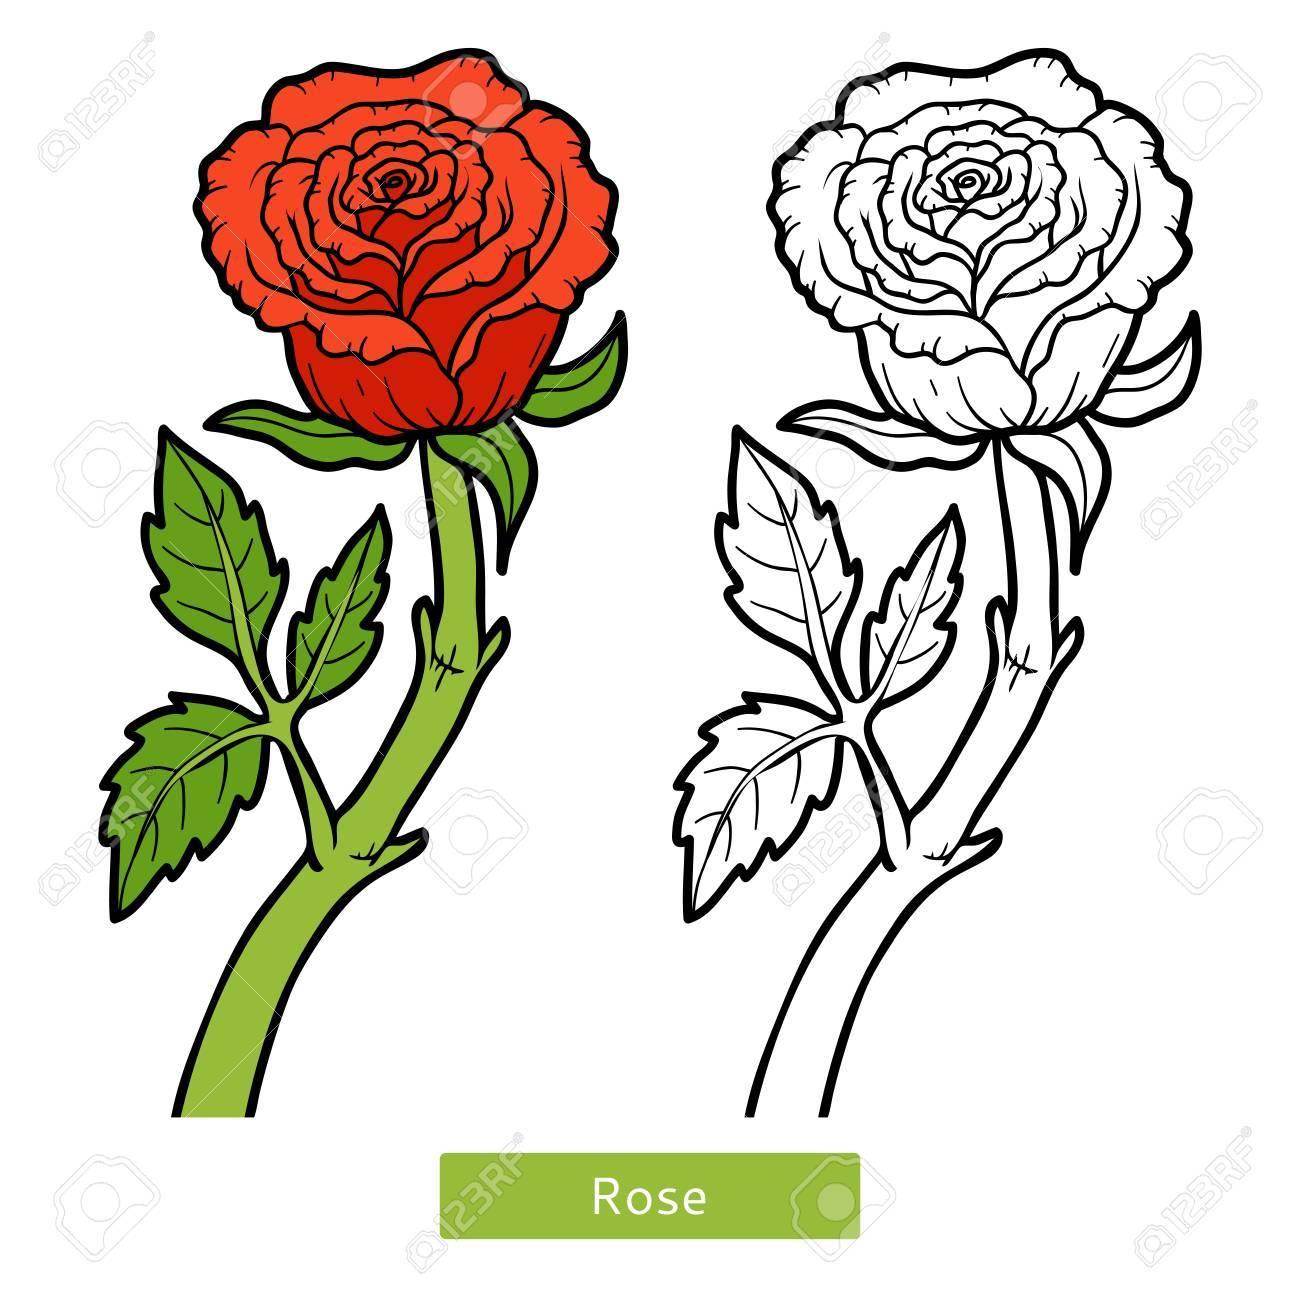 Livre A Colorier Pour Les Enfants Fleur Rose Clip Art Libres De Droits Vecteurs Et Illustration Image 64872652